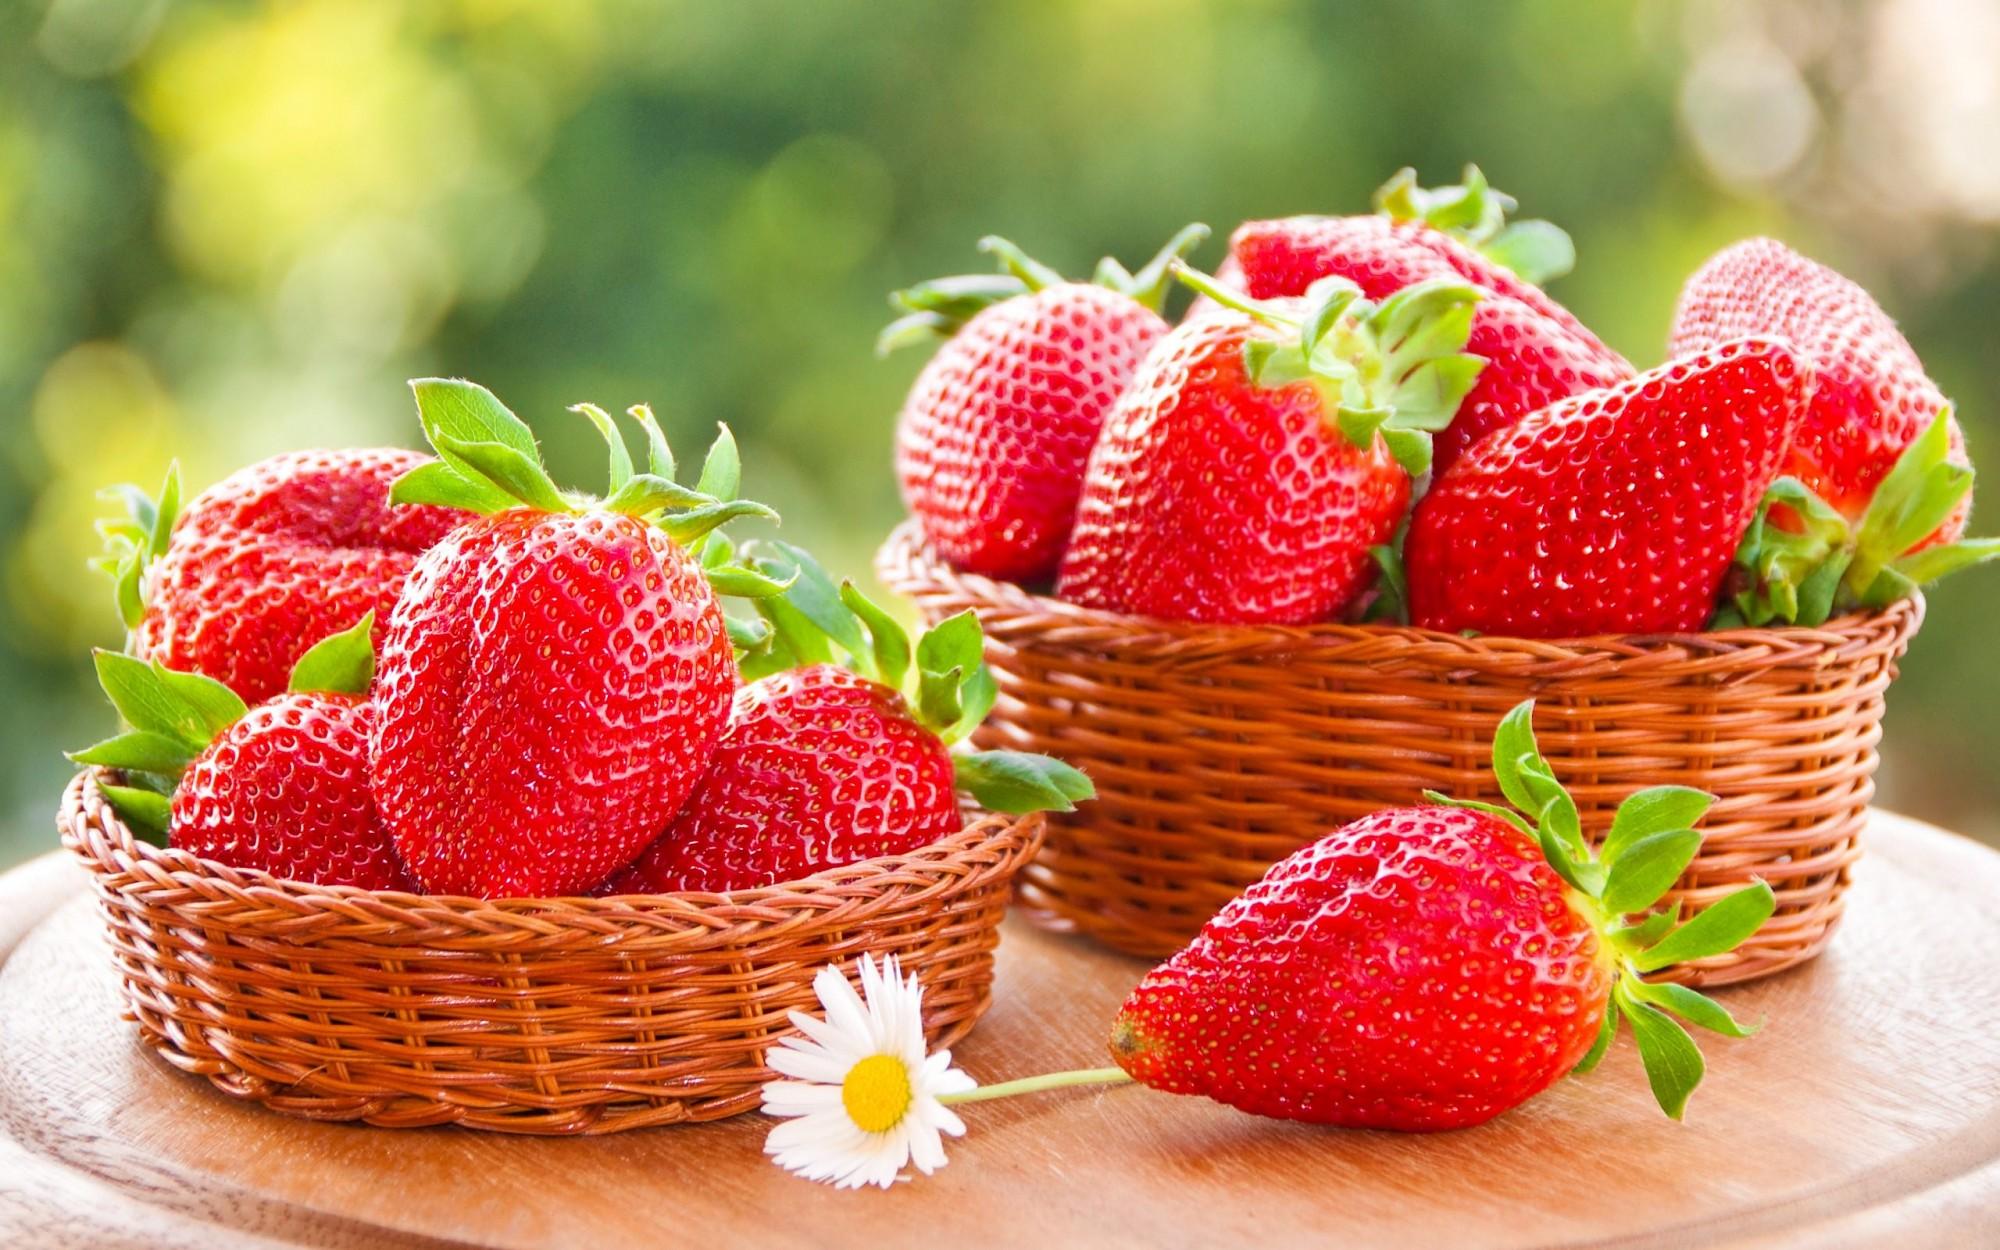 Местного ли поля ягодка?